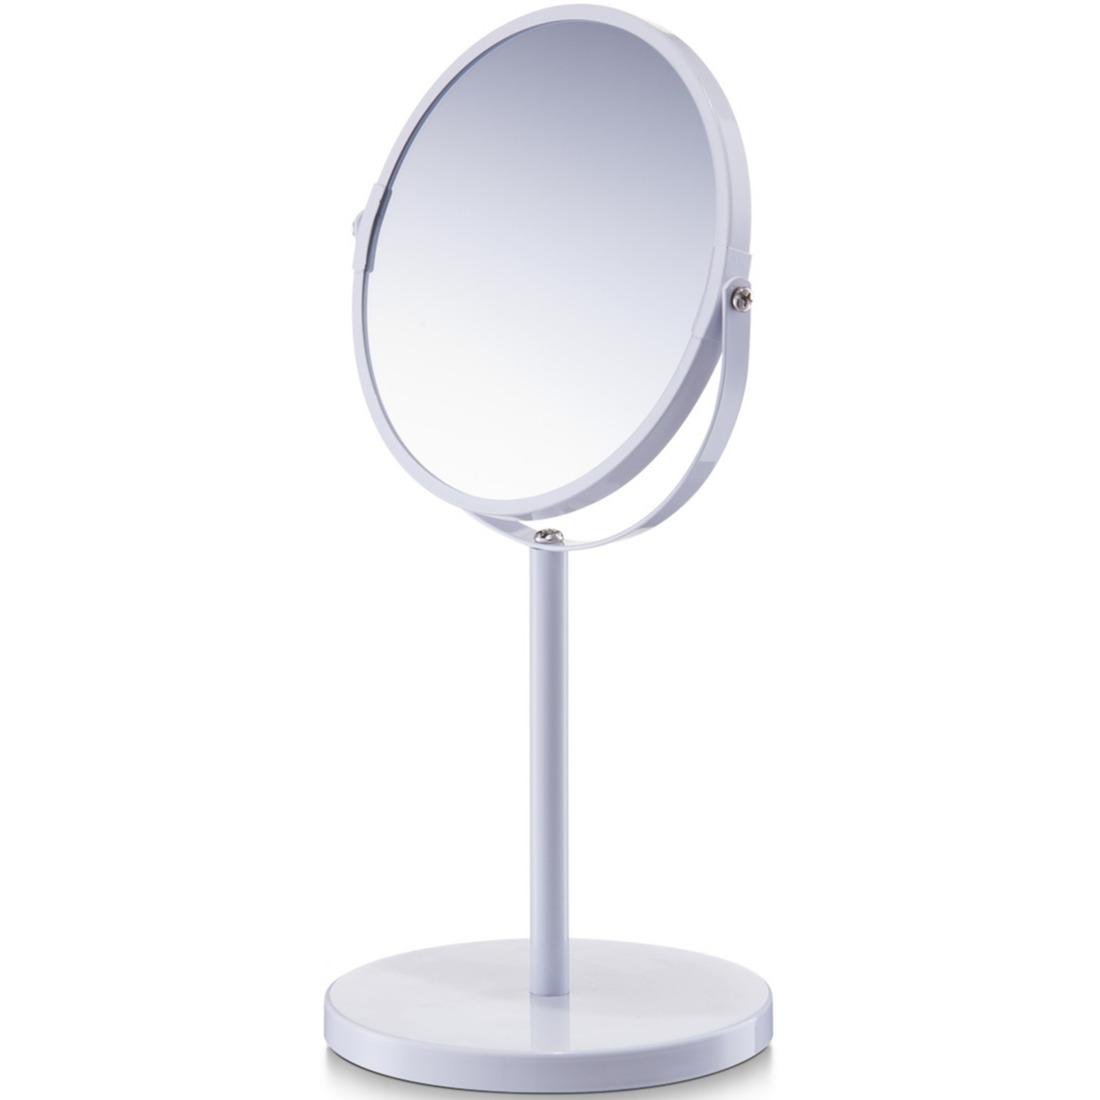 Witte make-up spiegel rond dubbelzijdig 15 x 26 cm